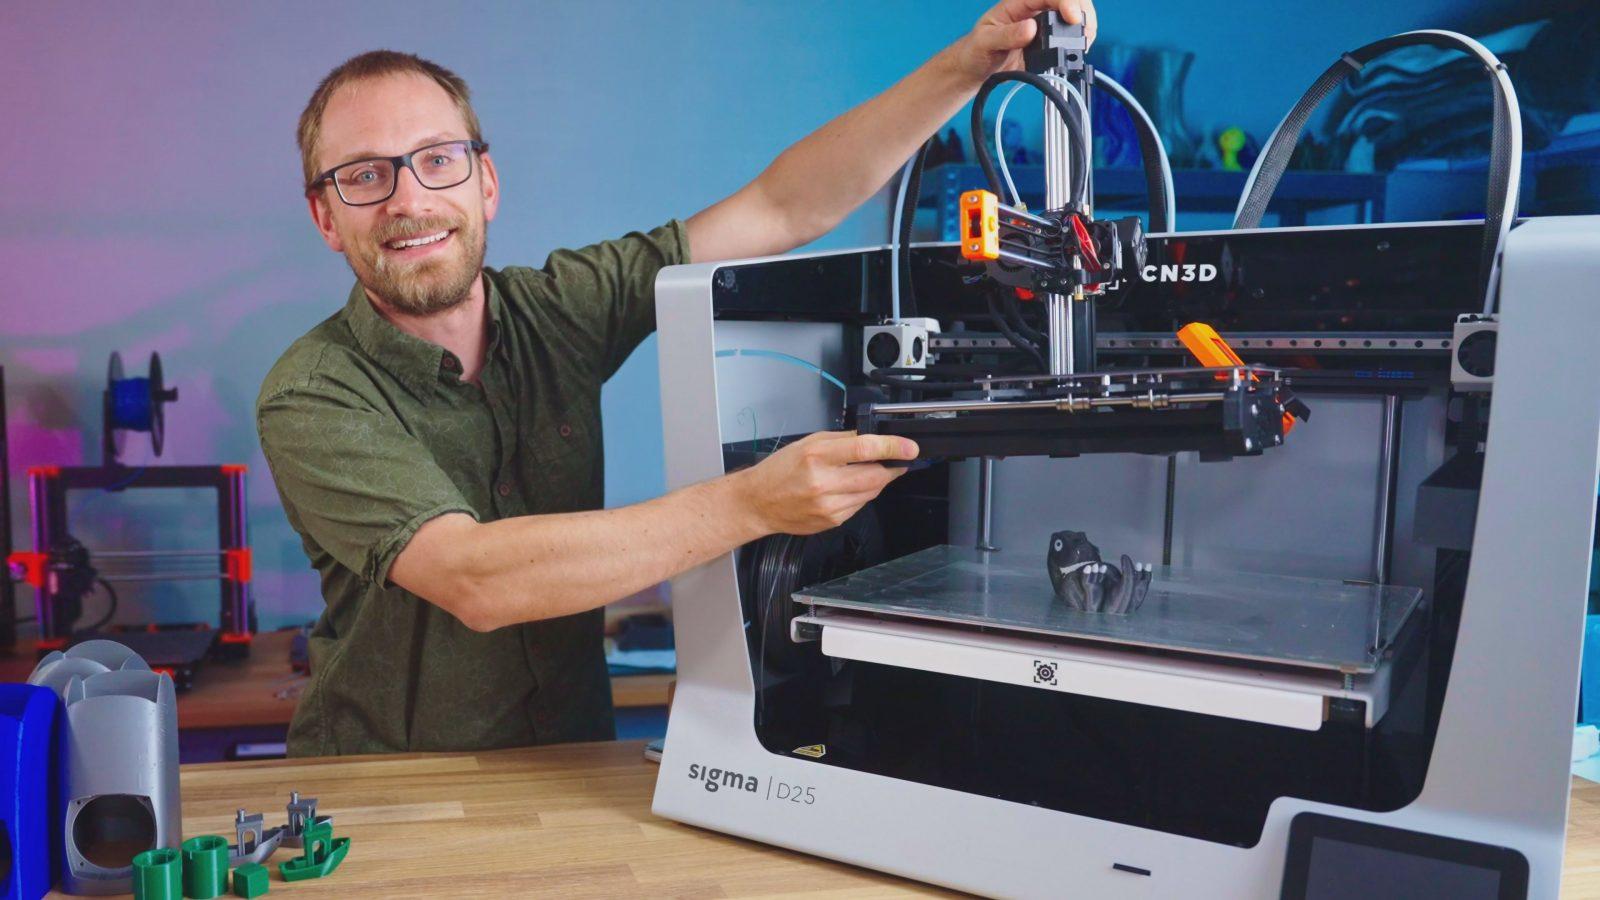 You are currently viewing La plus grosse imprimante 3D que j'aie jamais testée : La BCN3D Sigma D25 !